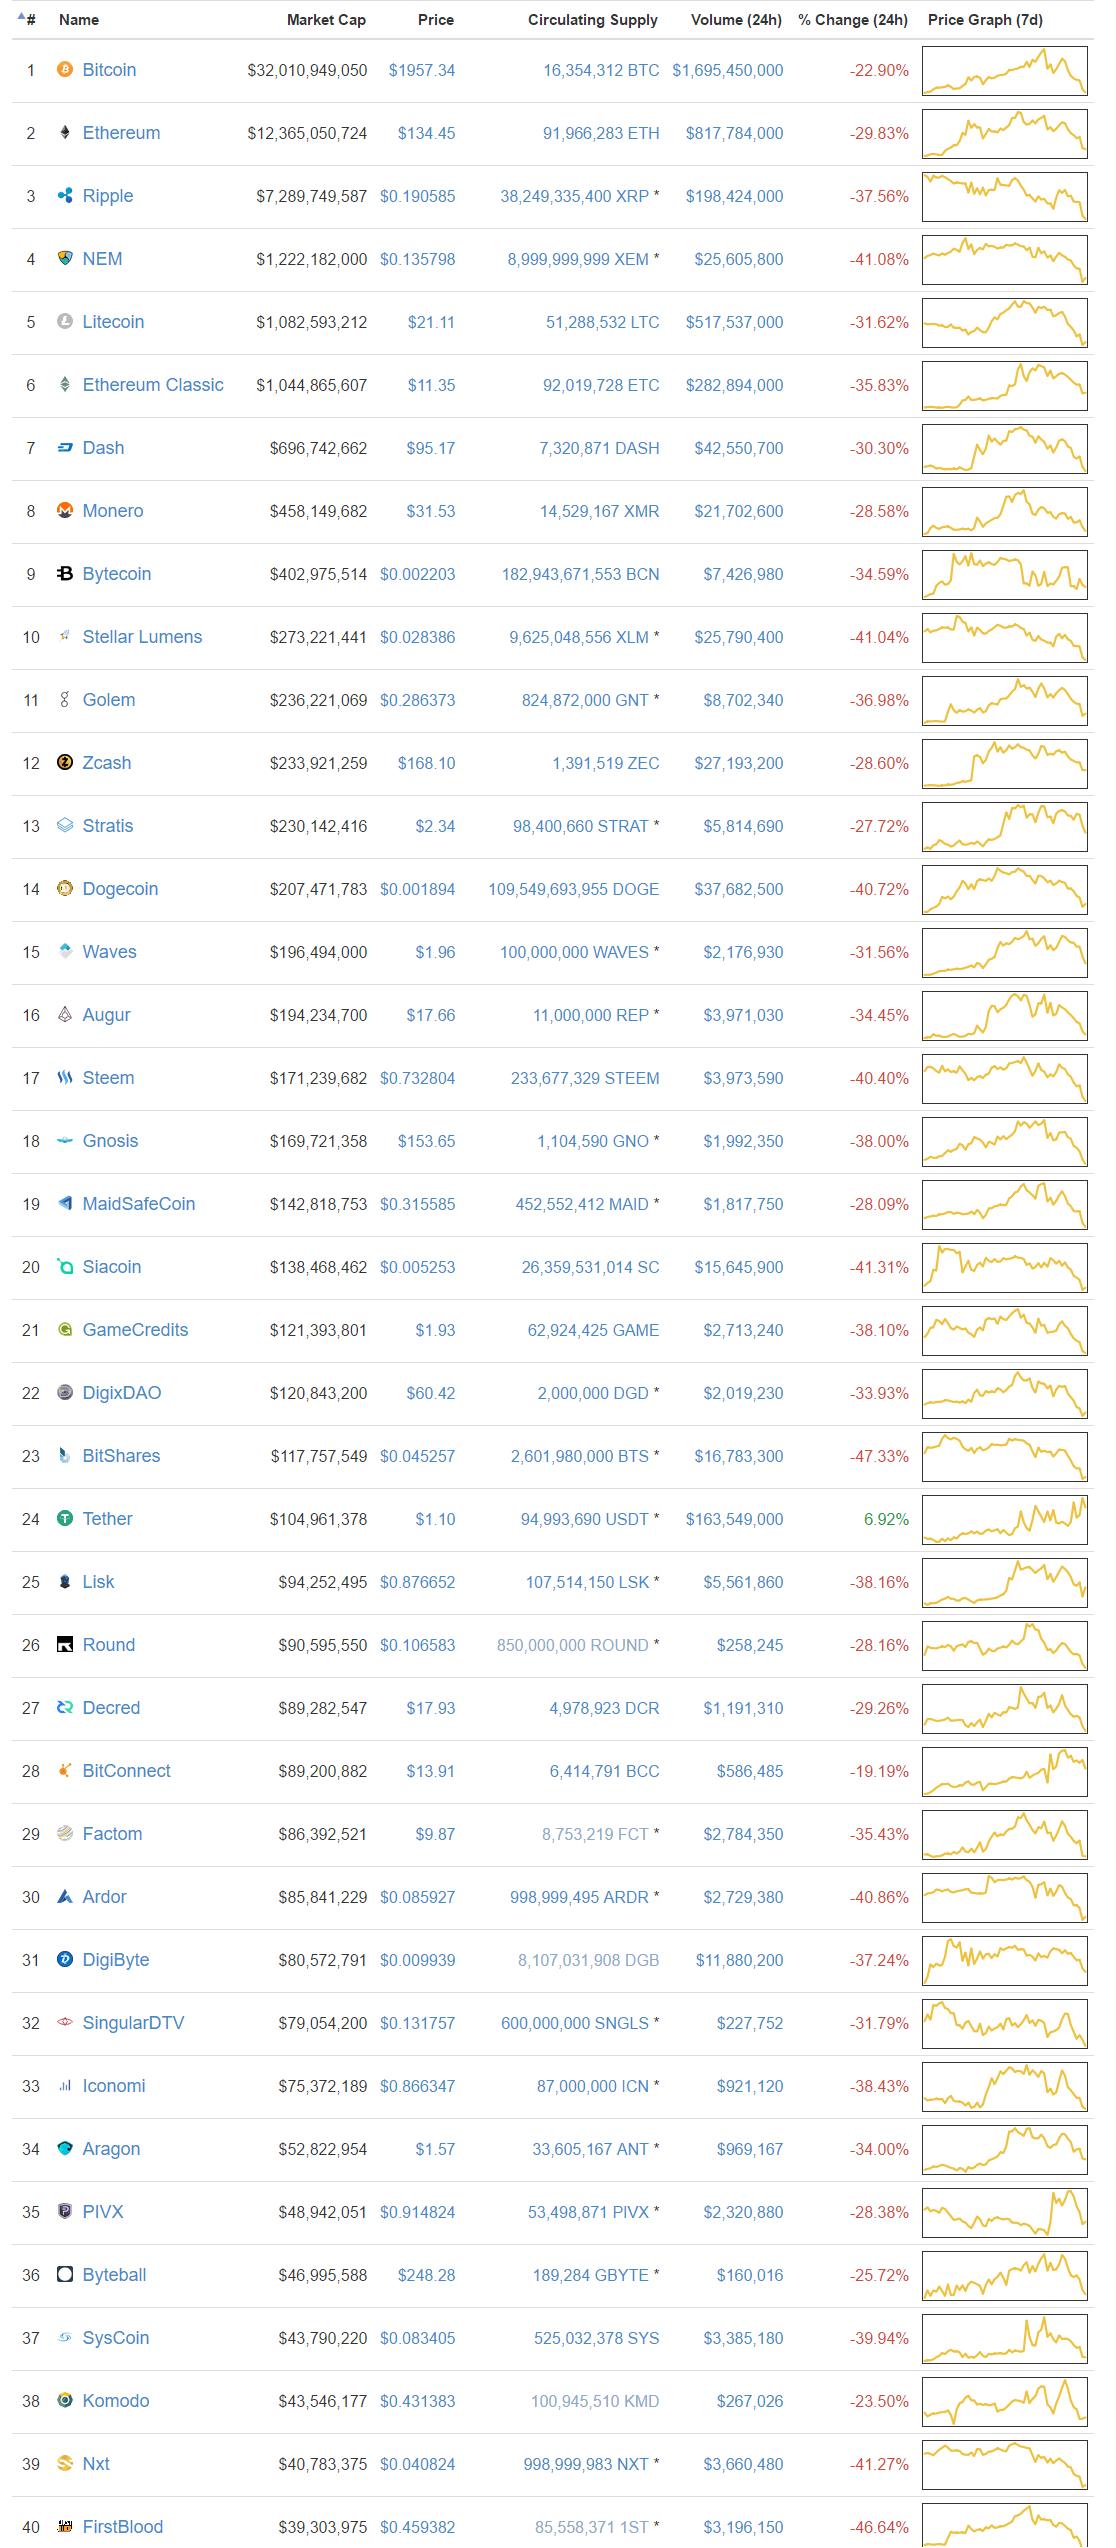 Danh sách tỉ giá các đồng tiền điện tử